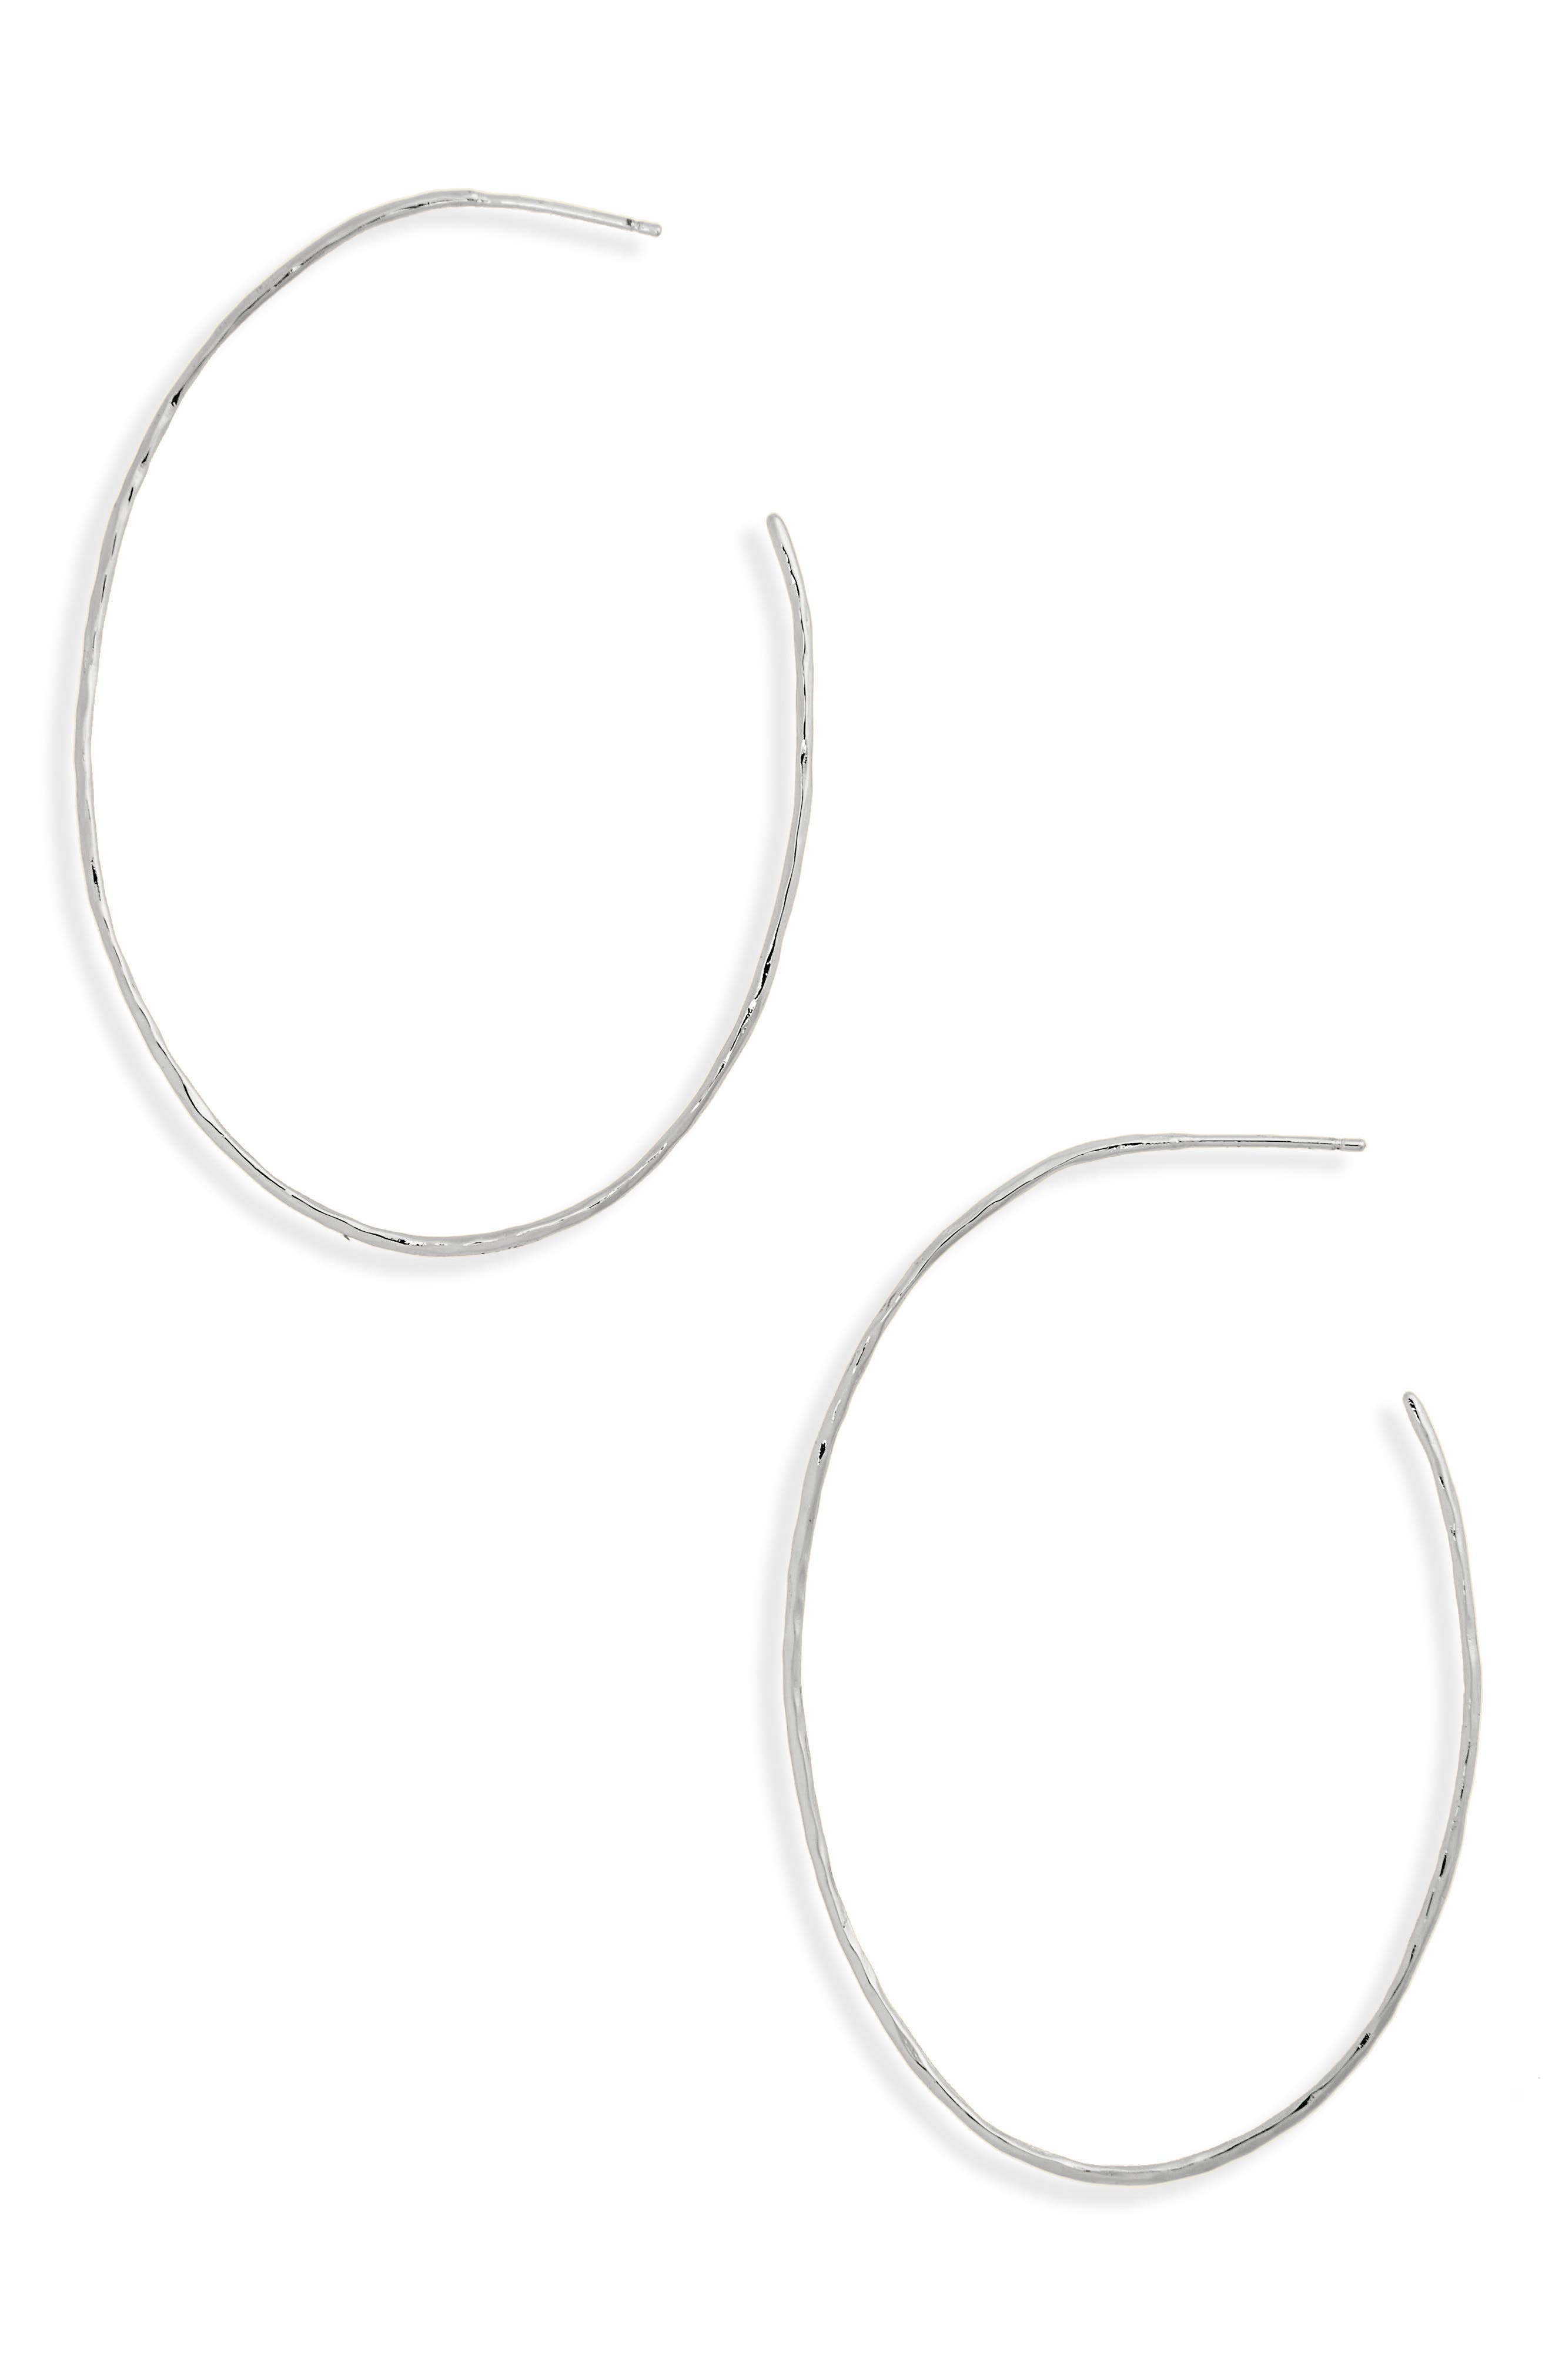 Summer Oval Hoop Earrings,                         Main,                         color, SILVER